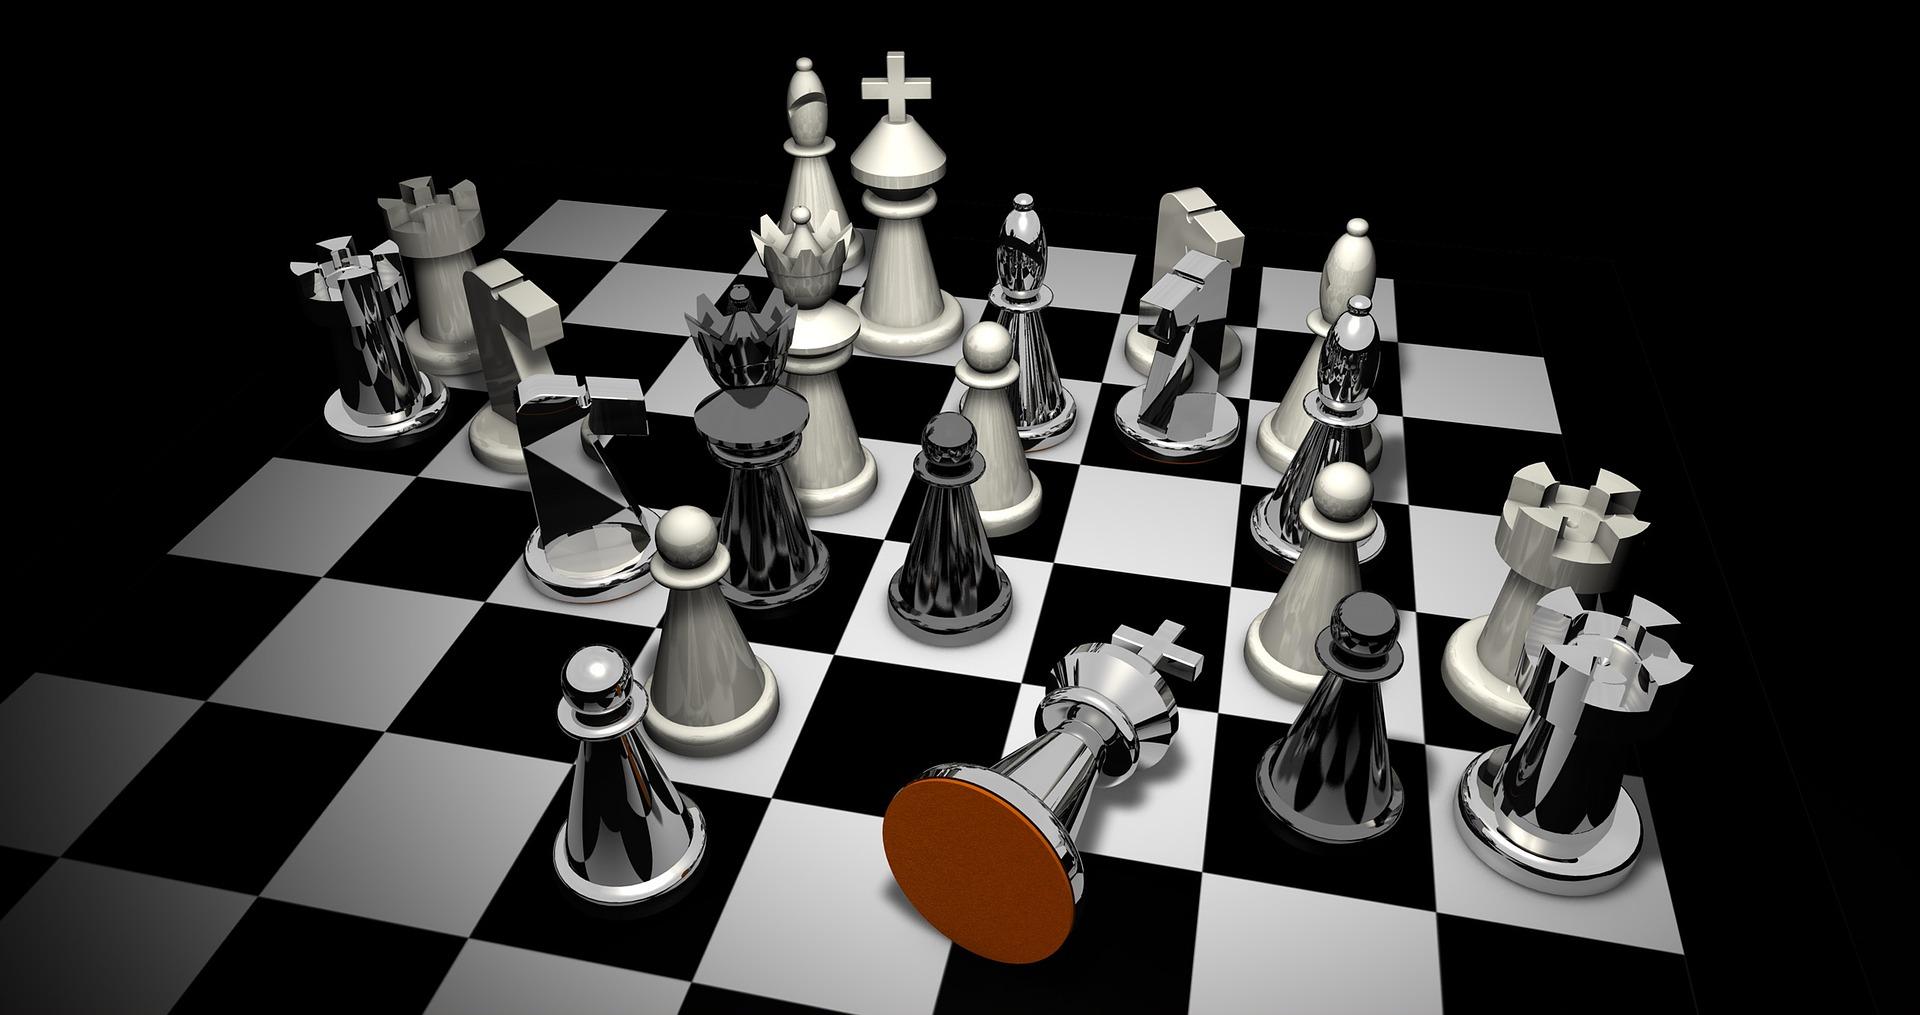 בדומה לשחמט מחדד את המחשבה, צילום אילוסטרציה